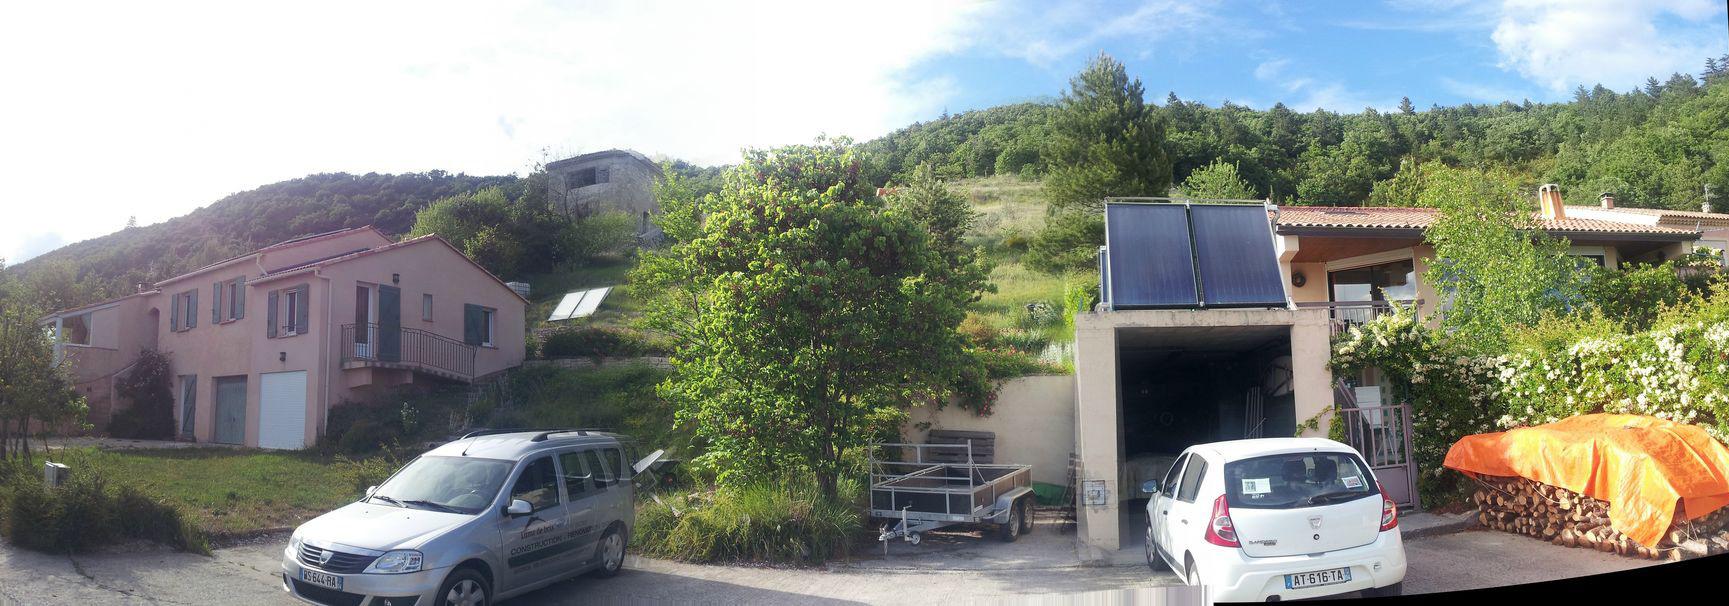 Sc architecte neuf r novation bioclimatique for Jardin 04200